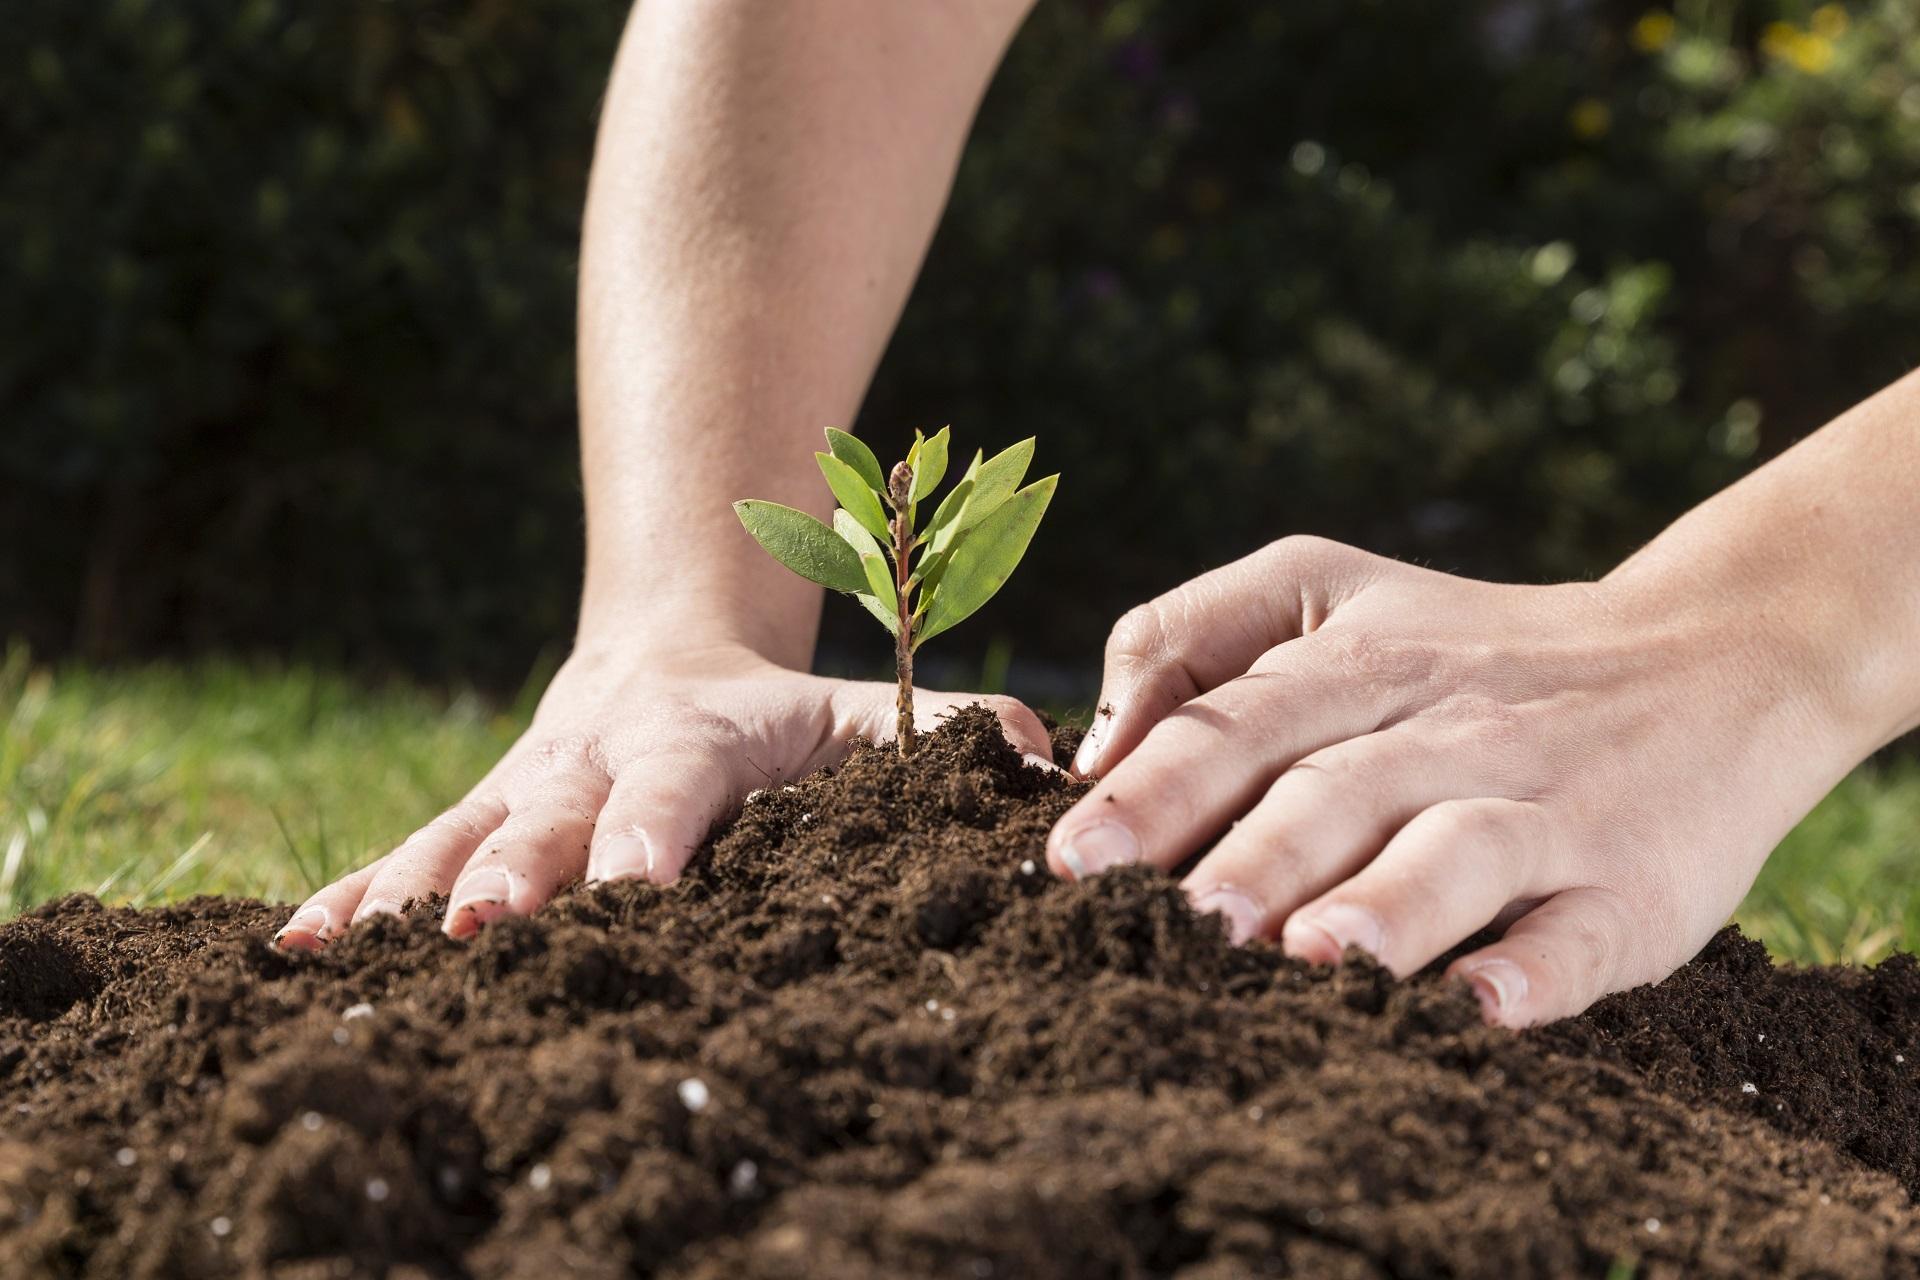 Mãos mexendo na terra e plantando uma muda